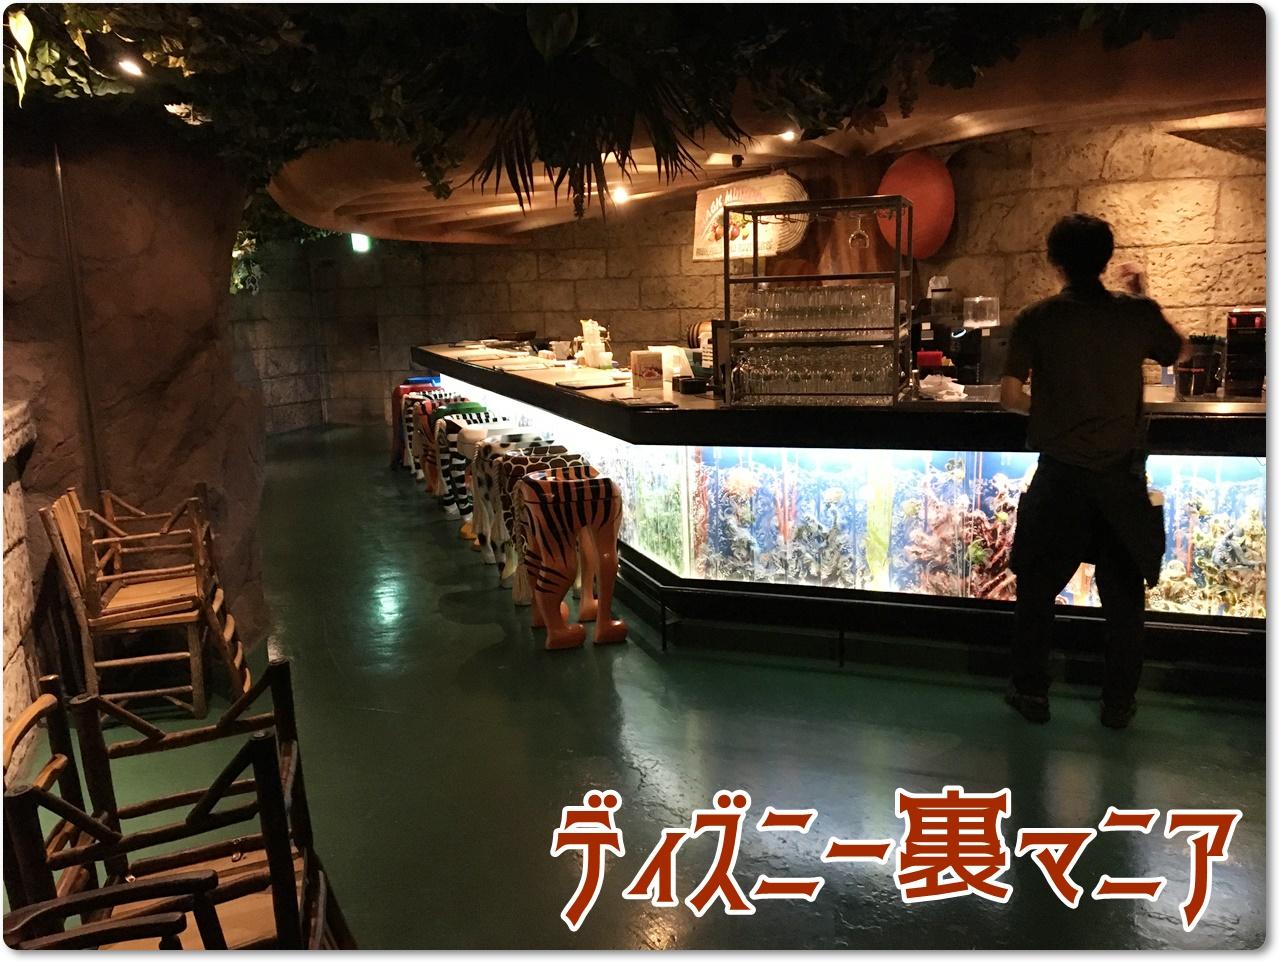 レインフォレストカフェ バーカウンター